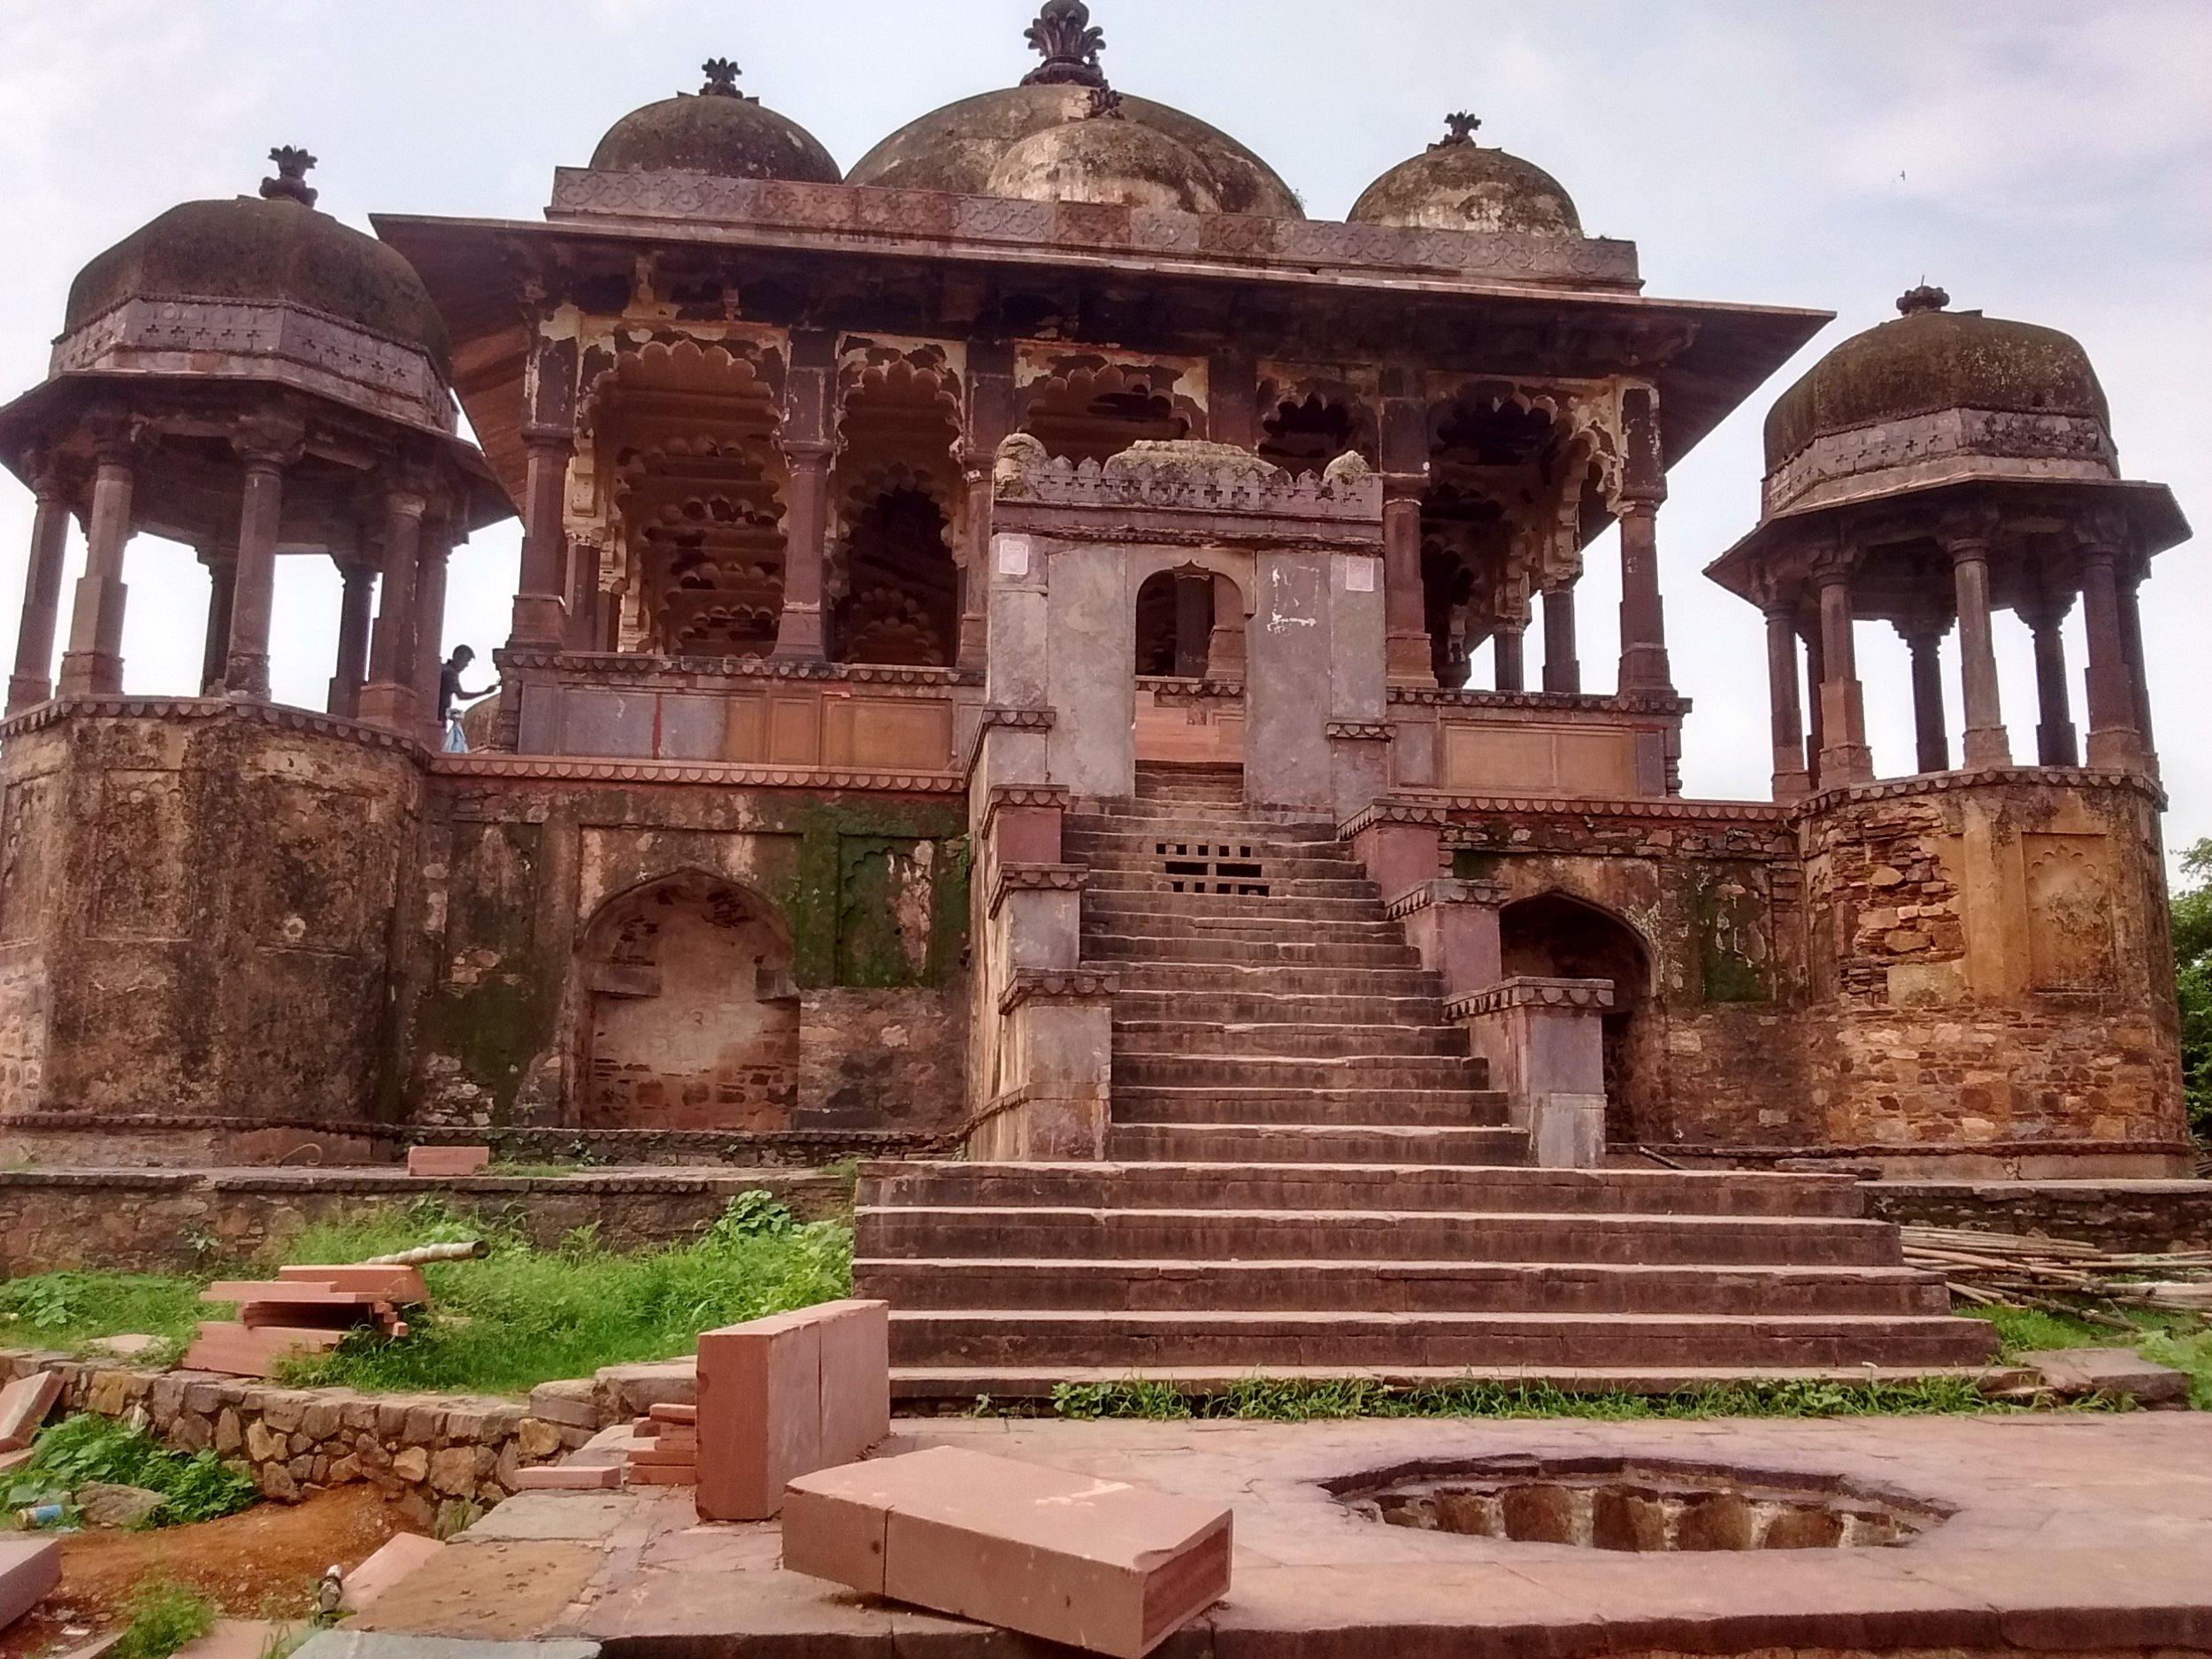 36_Pillars_Chhatri_-_Ranthambore_Fort,_Sawai_Madhopur.jpg